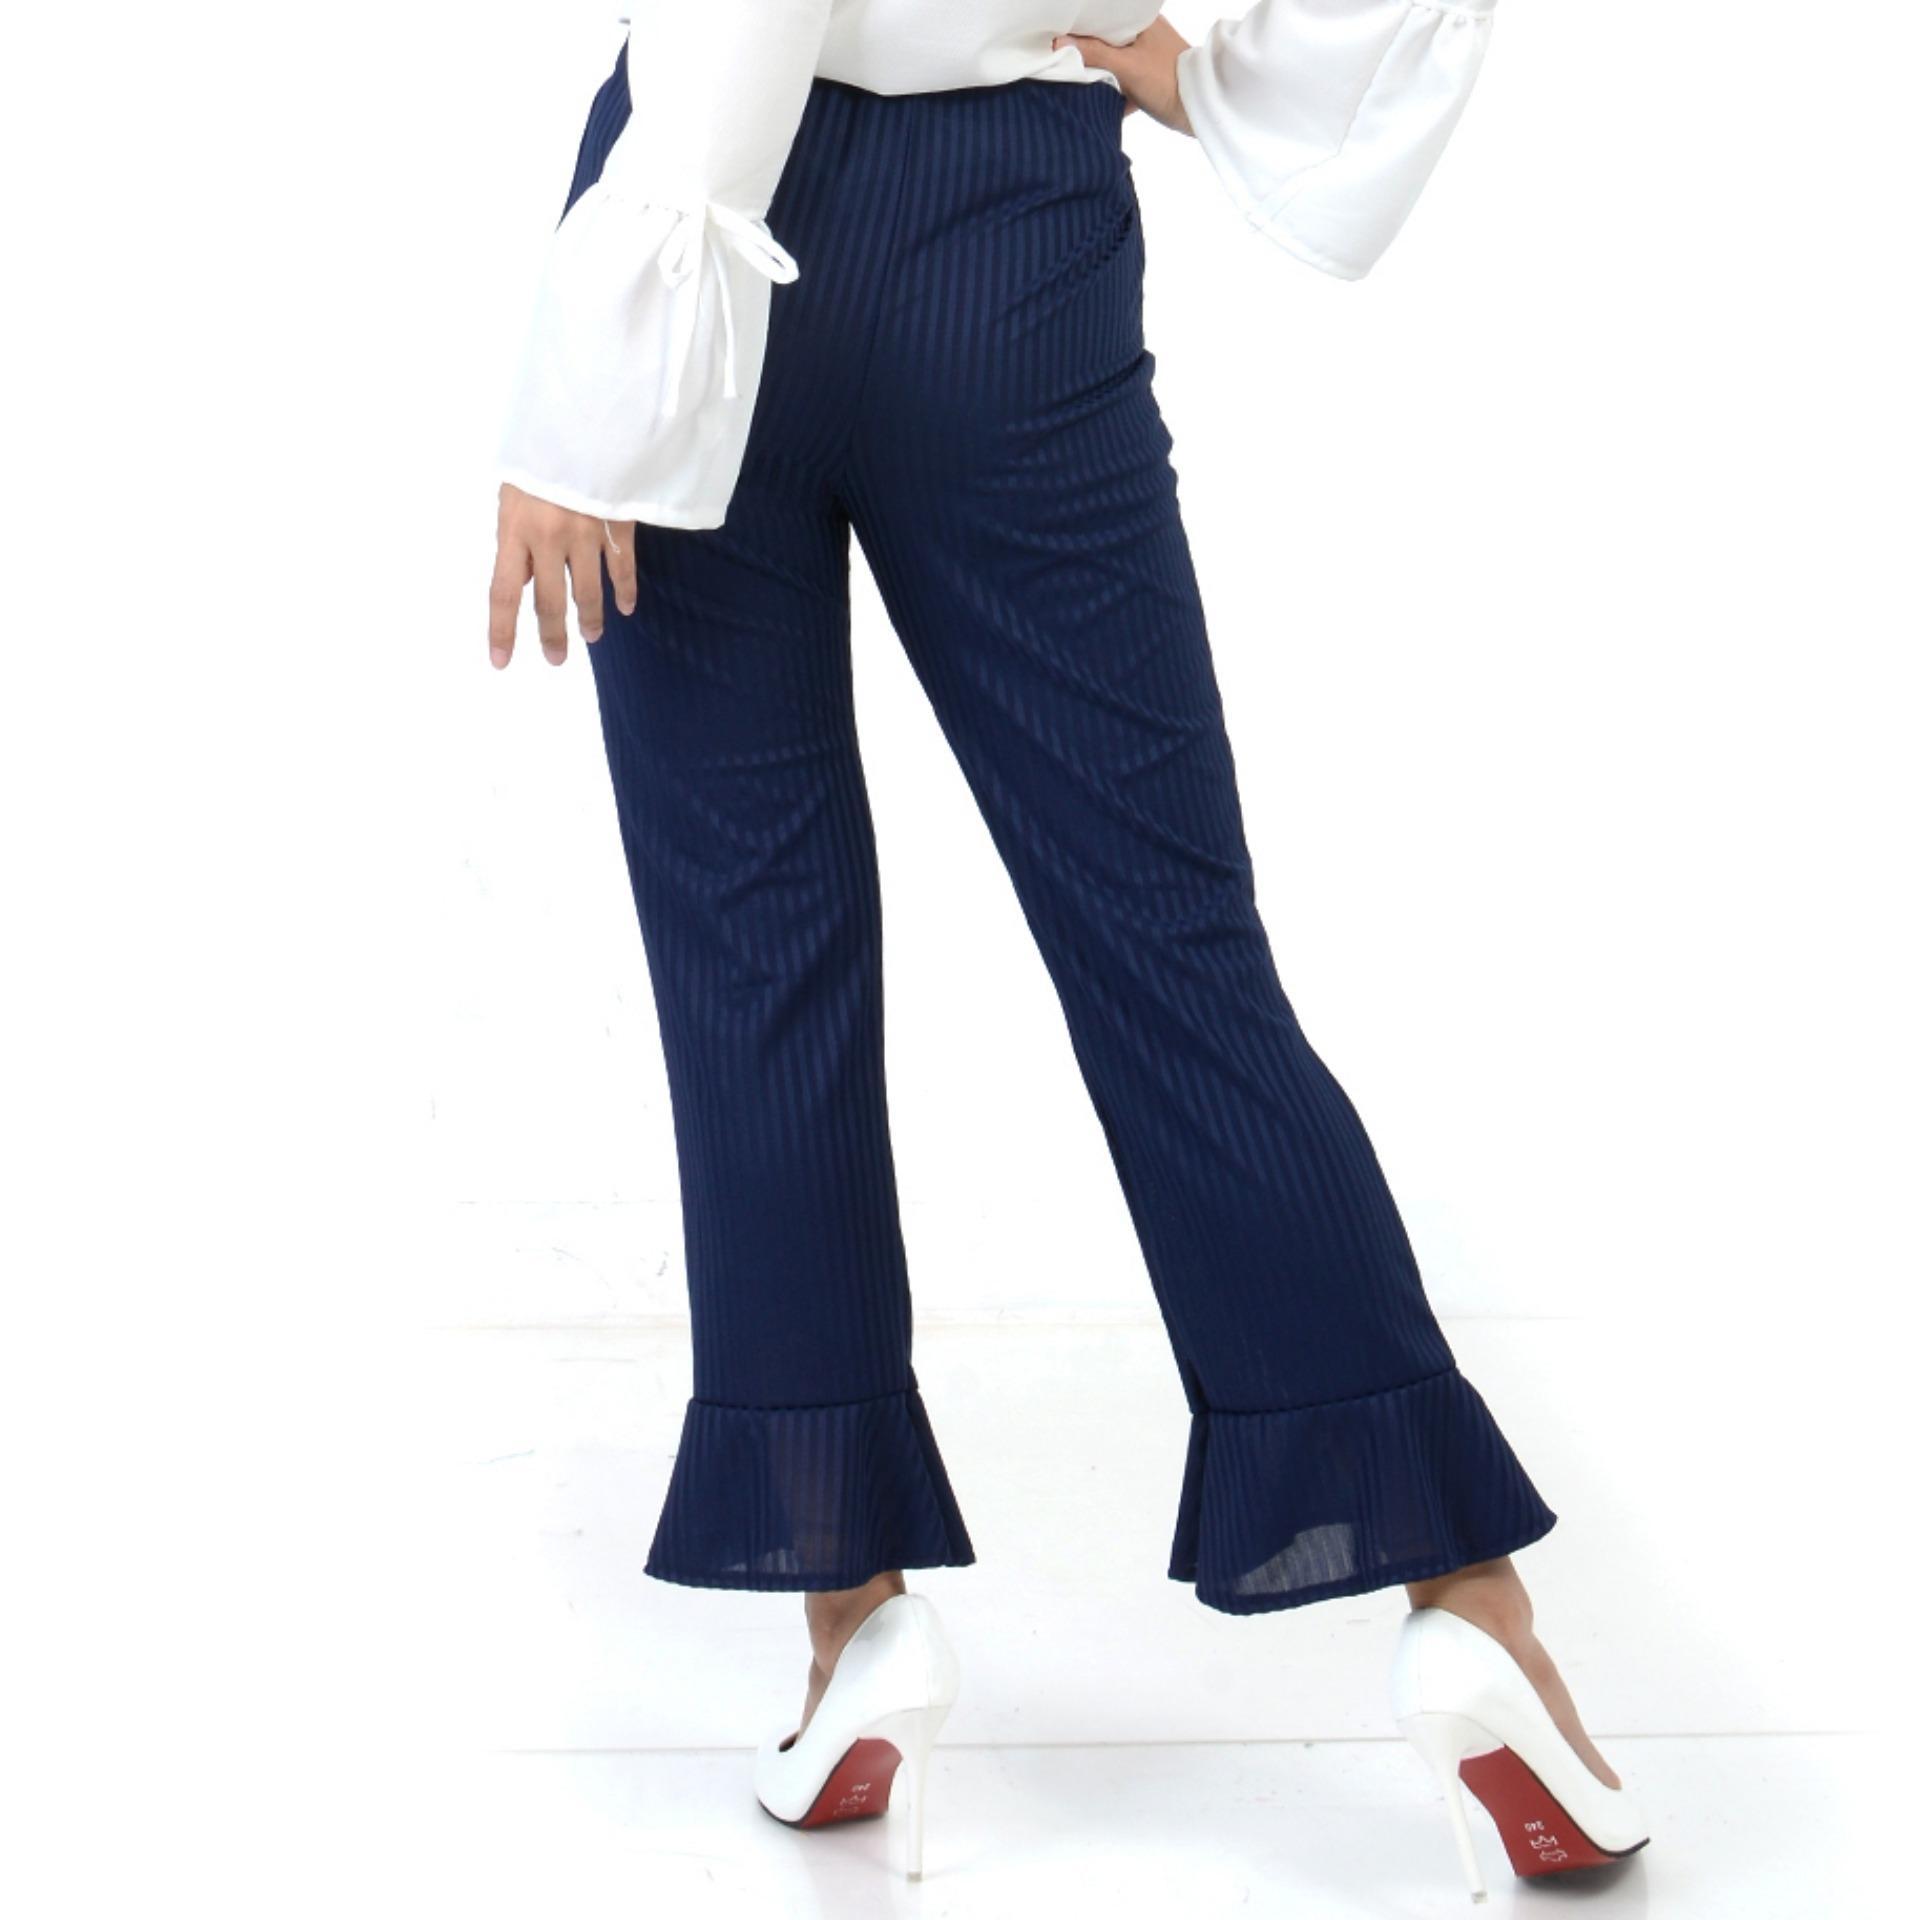 Ace Fashion Axel Cullote Pants - Celana Kulot Wanita - Navy .